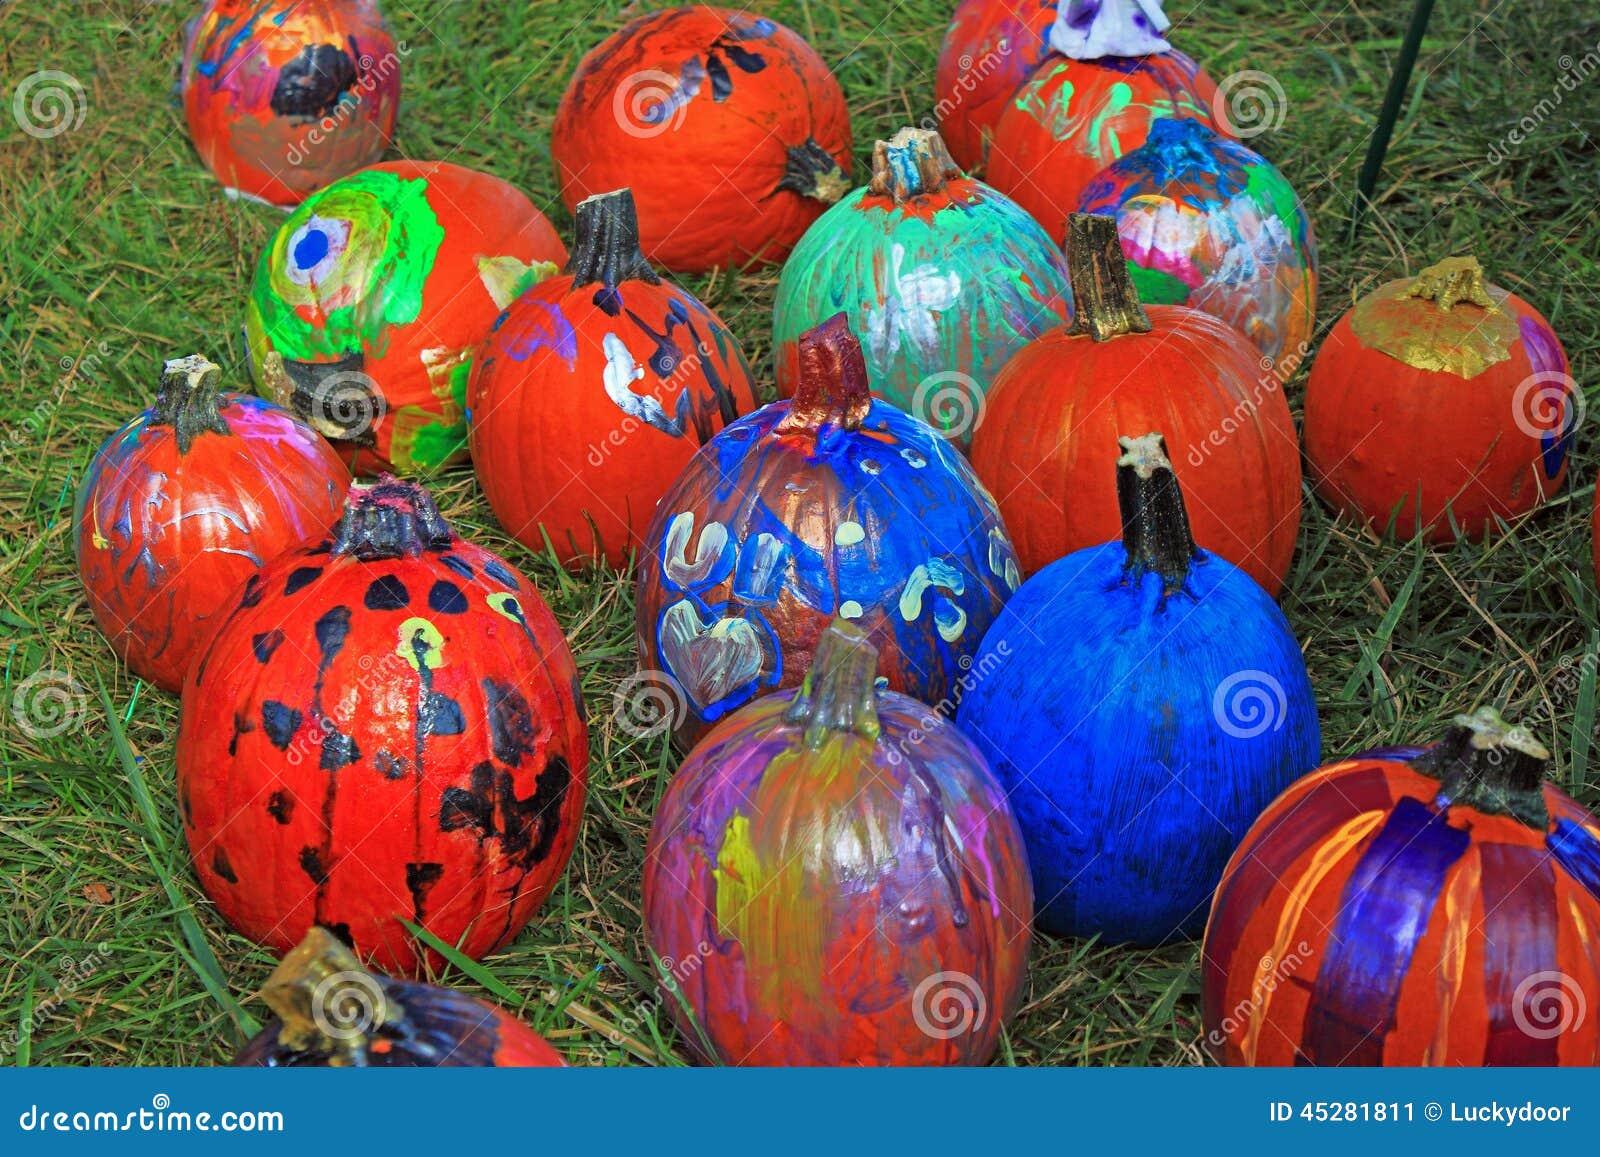 Calabazas pintadas imagen de archivo imagen de calabazas 45281811 - Calabazas de halloween pintadas ...